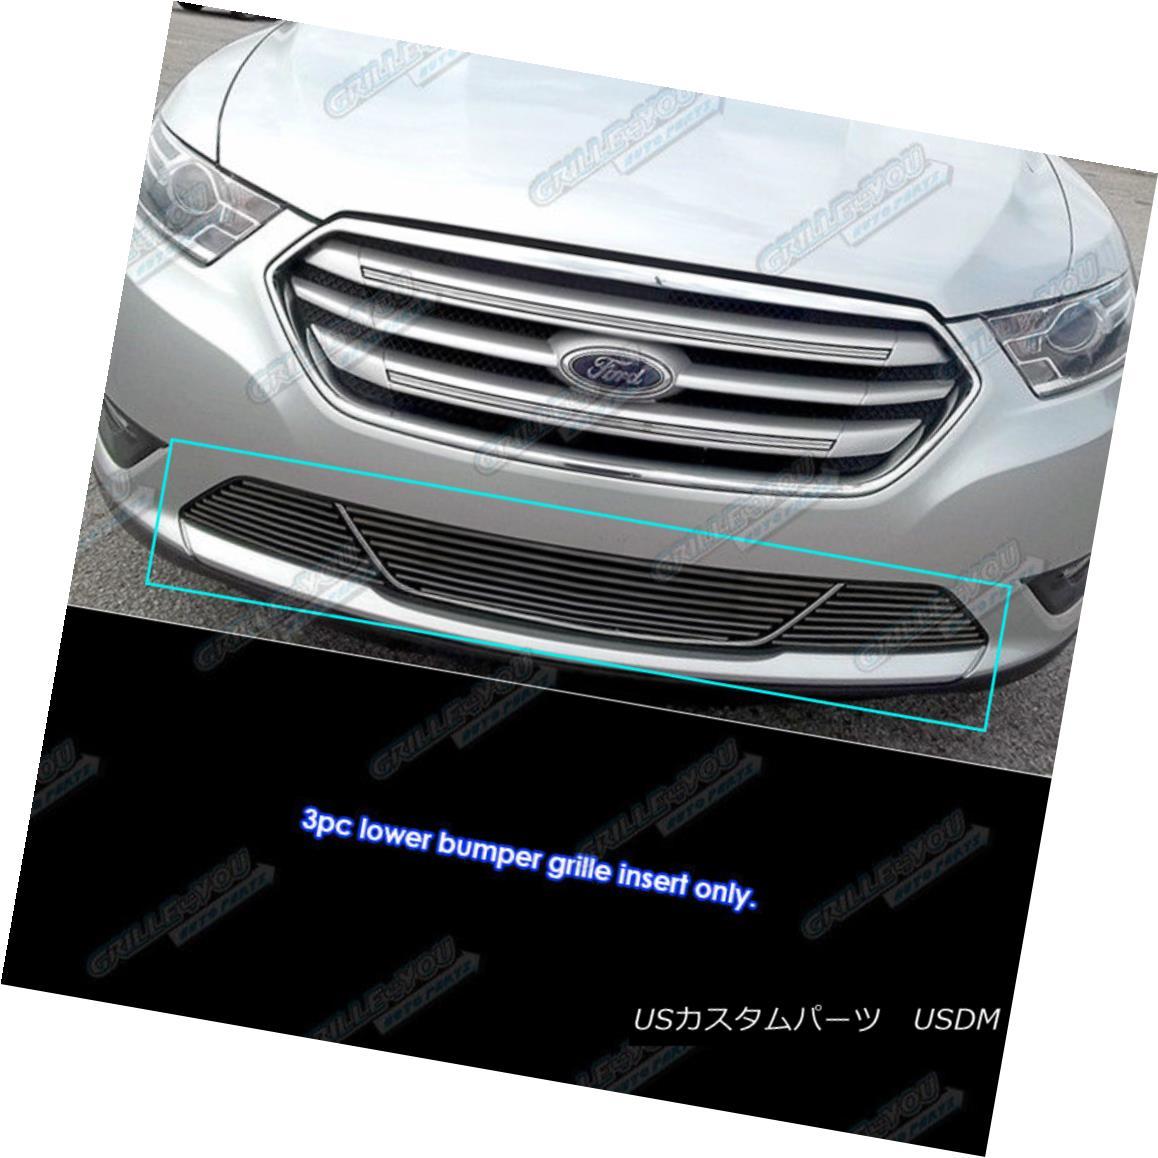 グリル Fits 2013-2018 Ford Taurus All Models with Honeycomb Bumper Black Billet Grille 2013年?2018年Ford Taurusハニカムバンパーの全モデルBlack Billet Grille